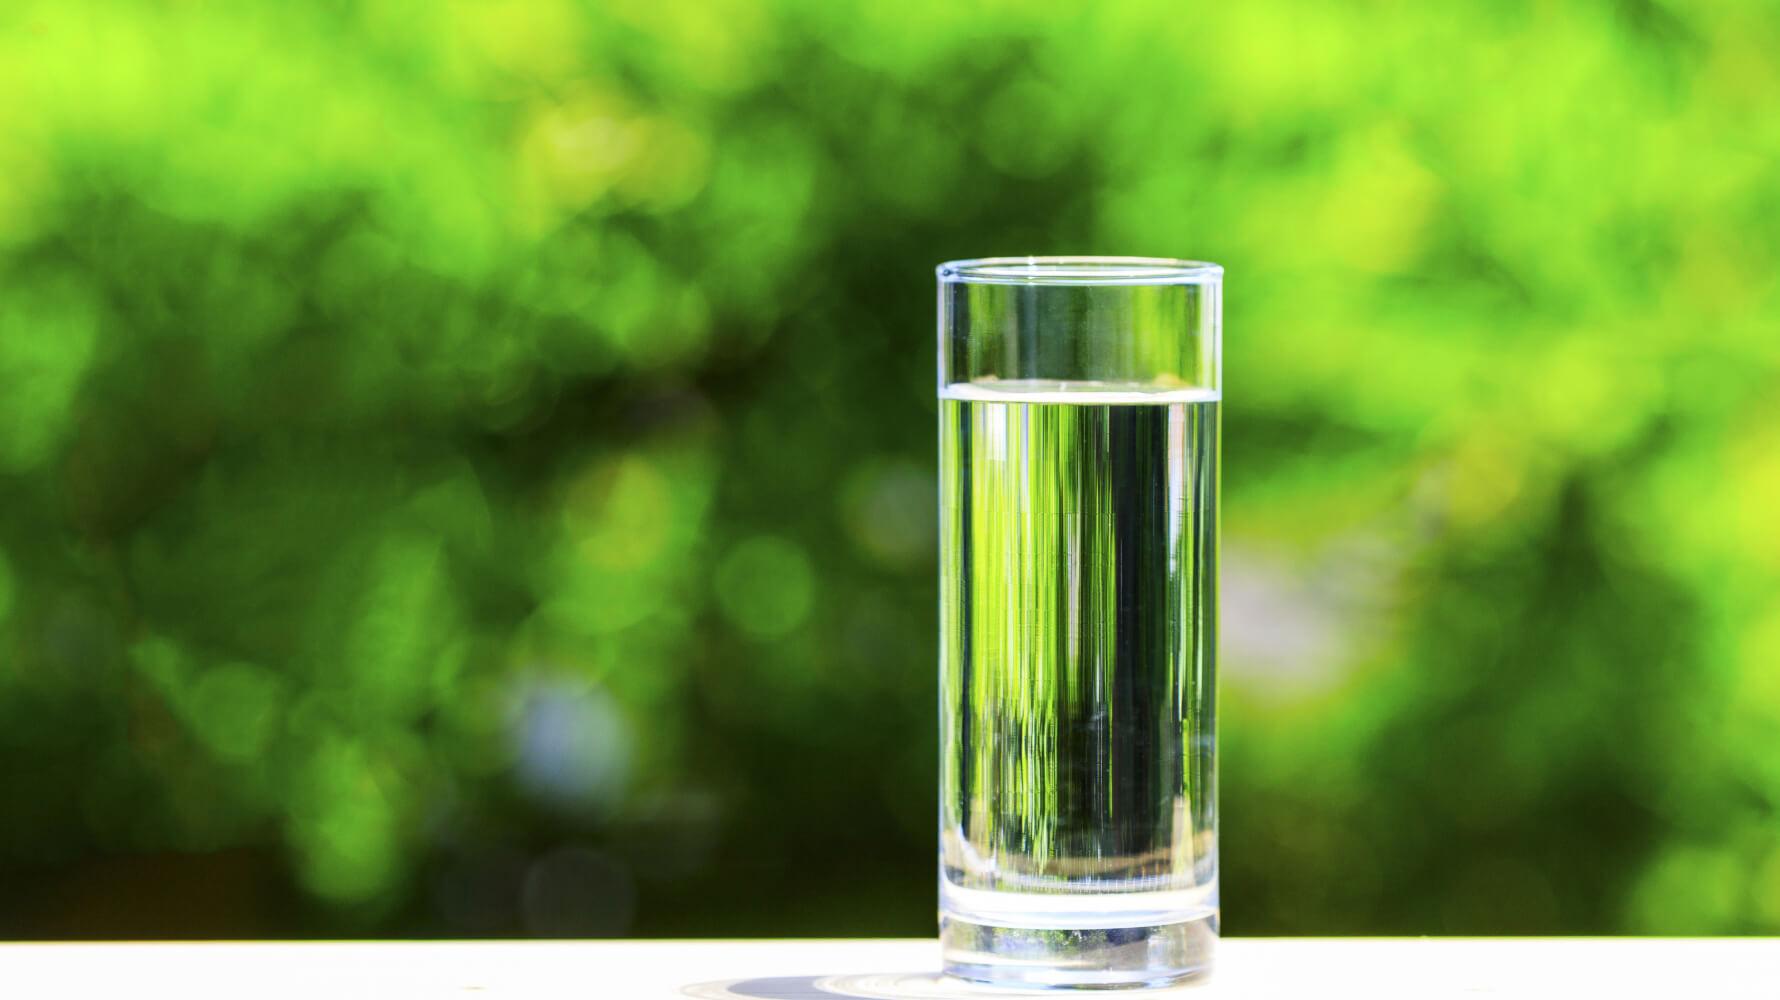 こまめな水分補給で風邪を予防しましょう